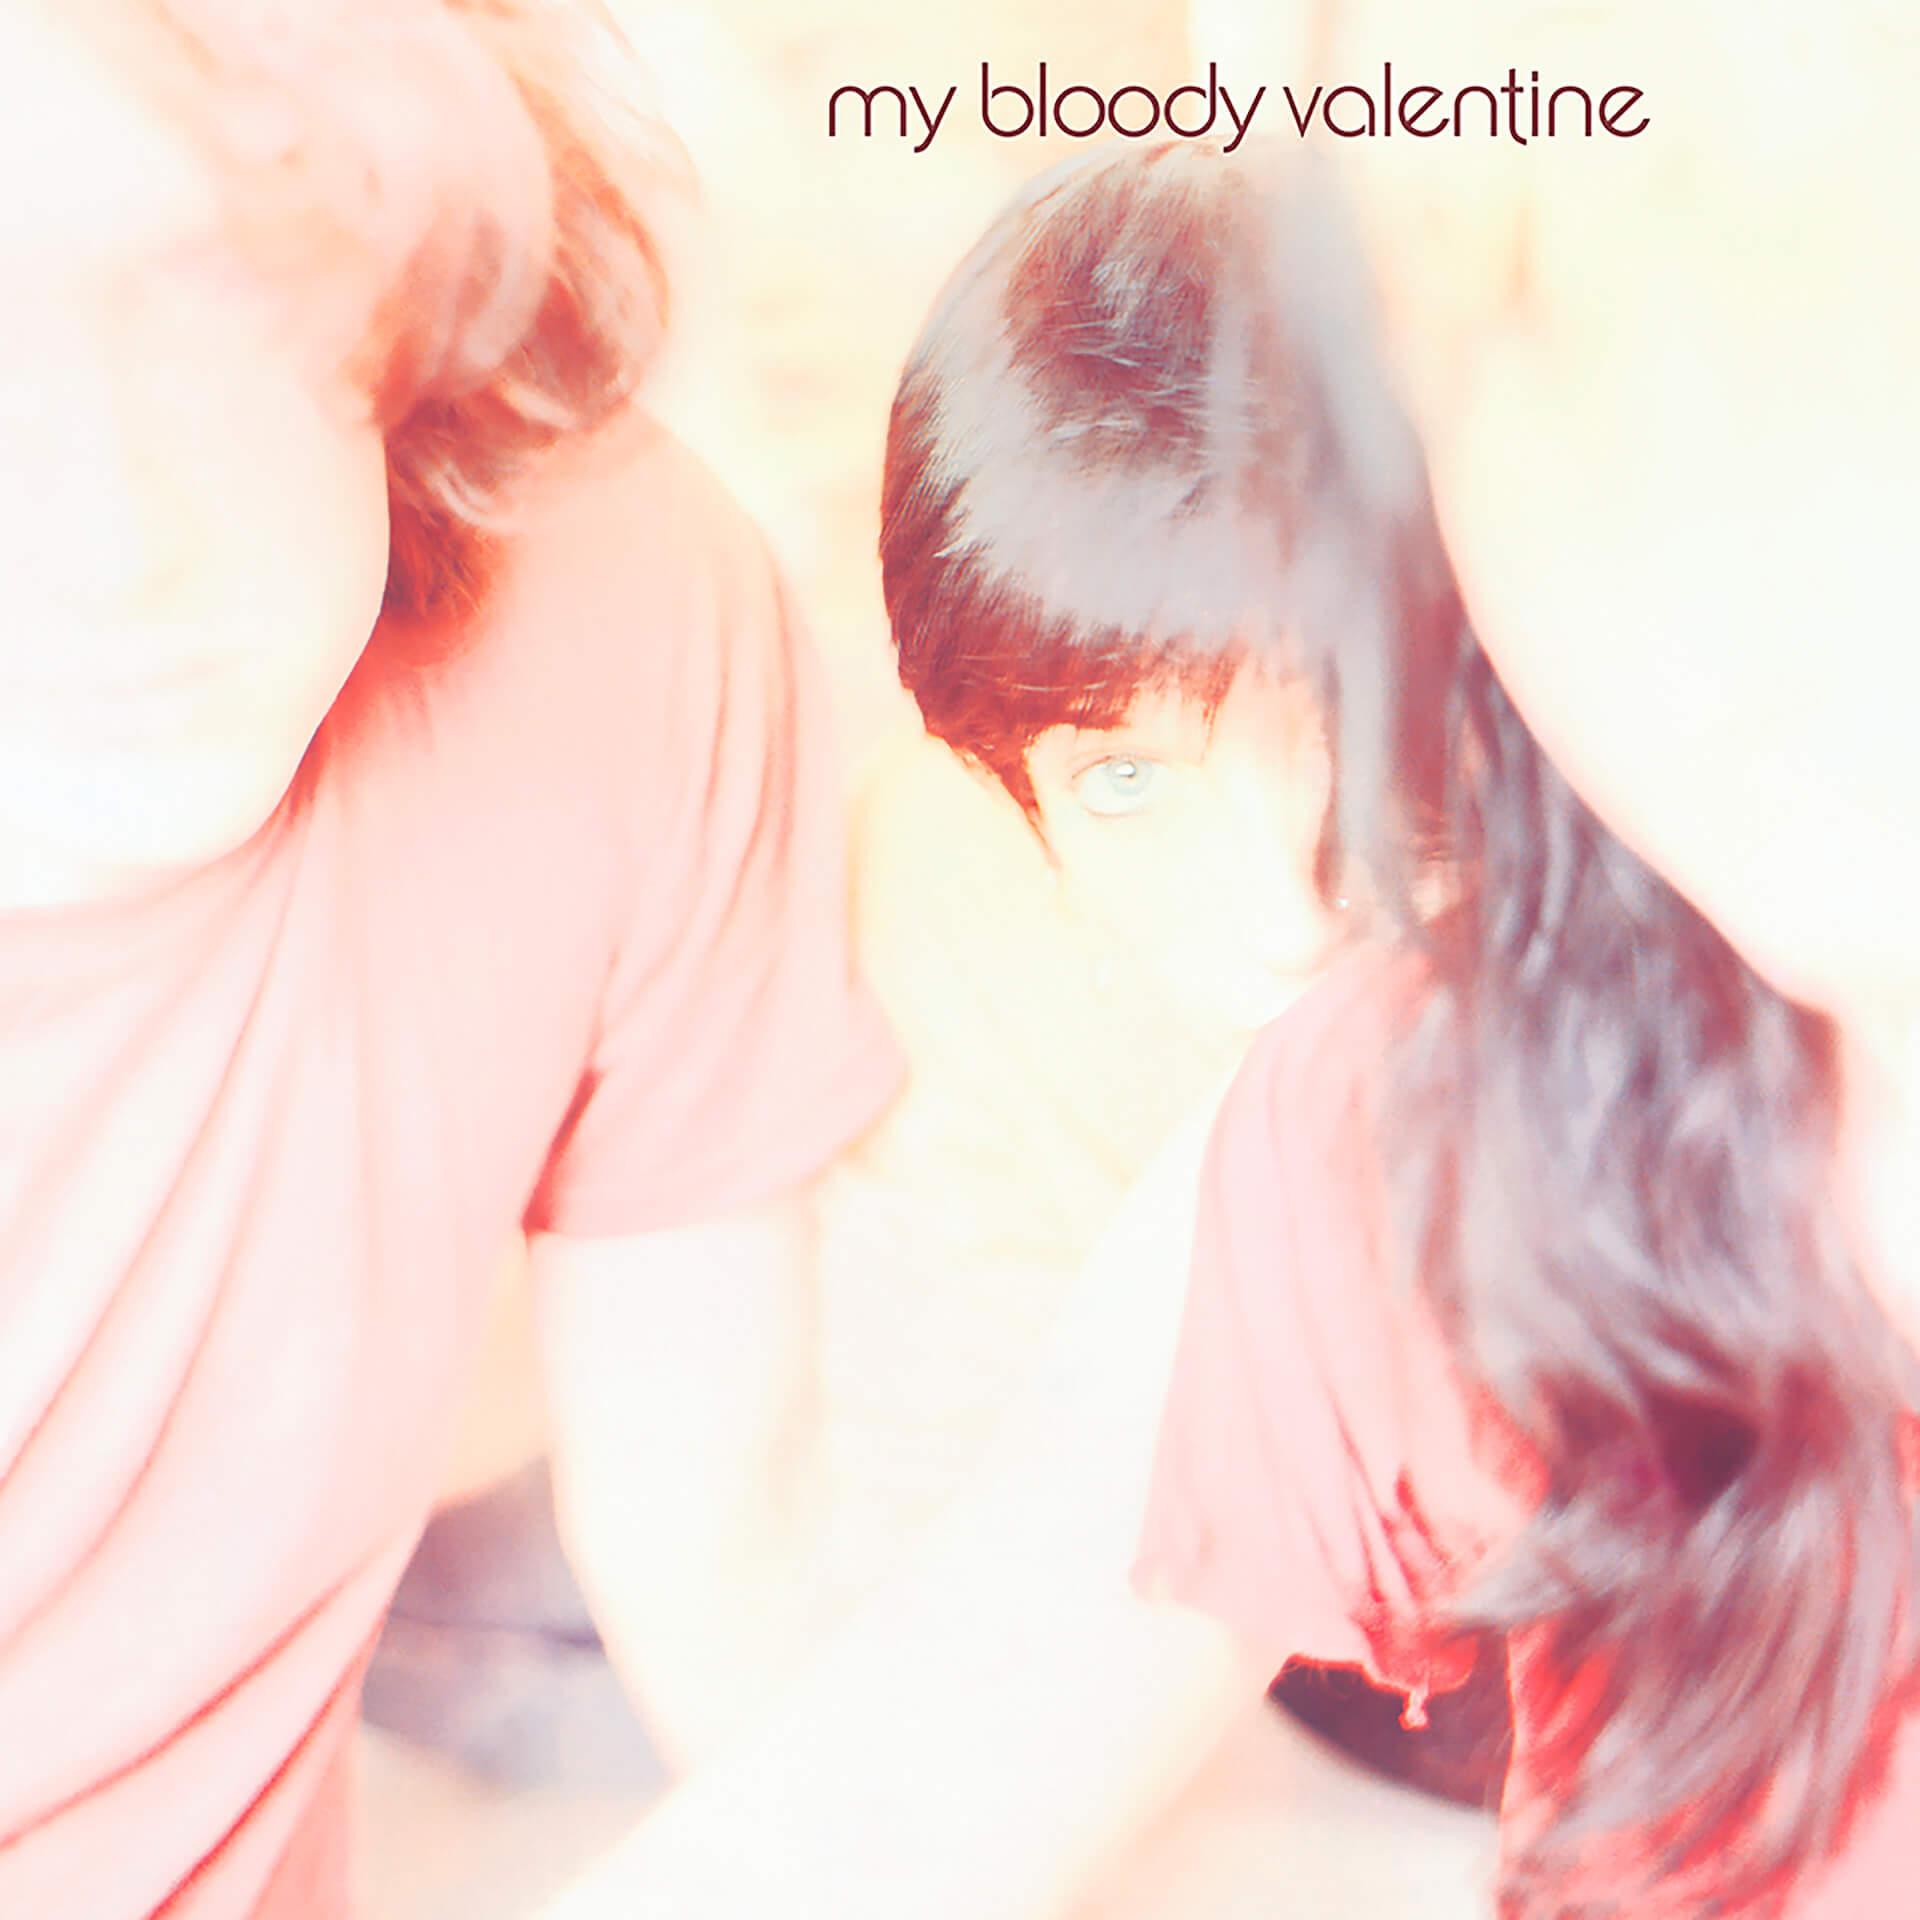 待望のサブスク解禁で話題のMy Bloody Valentineが英ラジオ局にて特別放送をキュレーション!5月には新装盤CDとLPの再発も music210413_mybloodyvalentine-210413_14